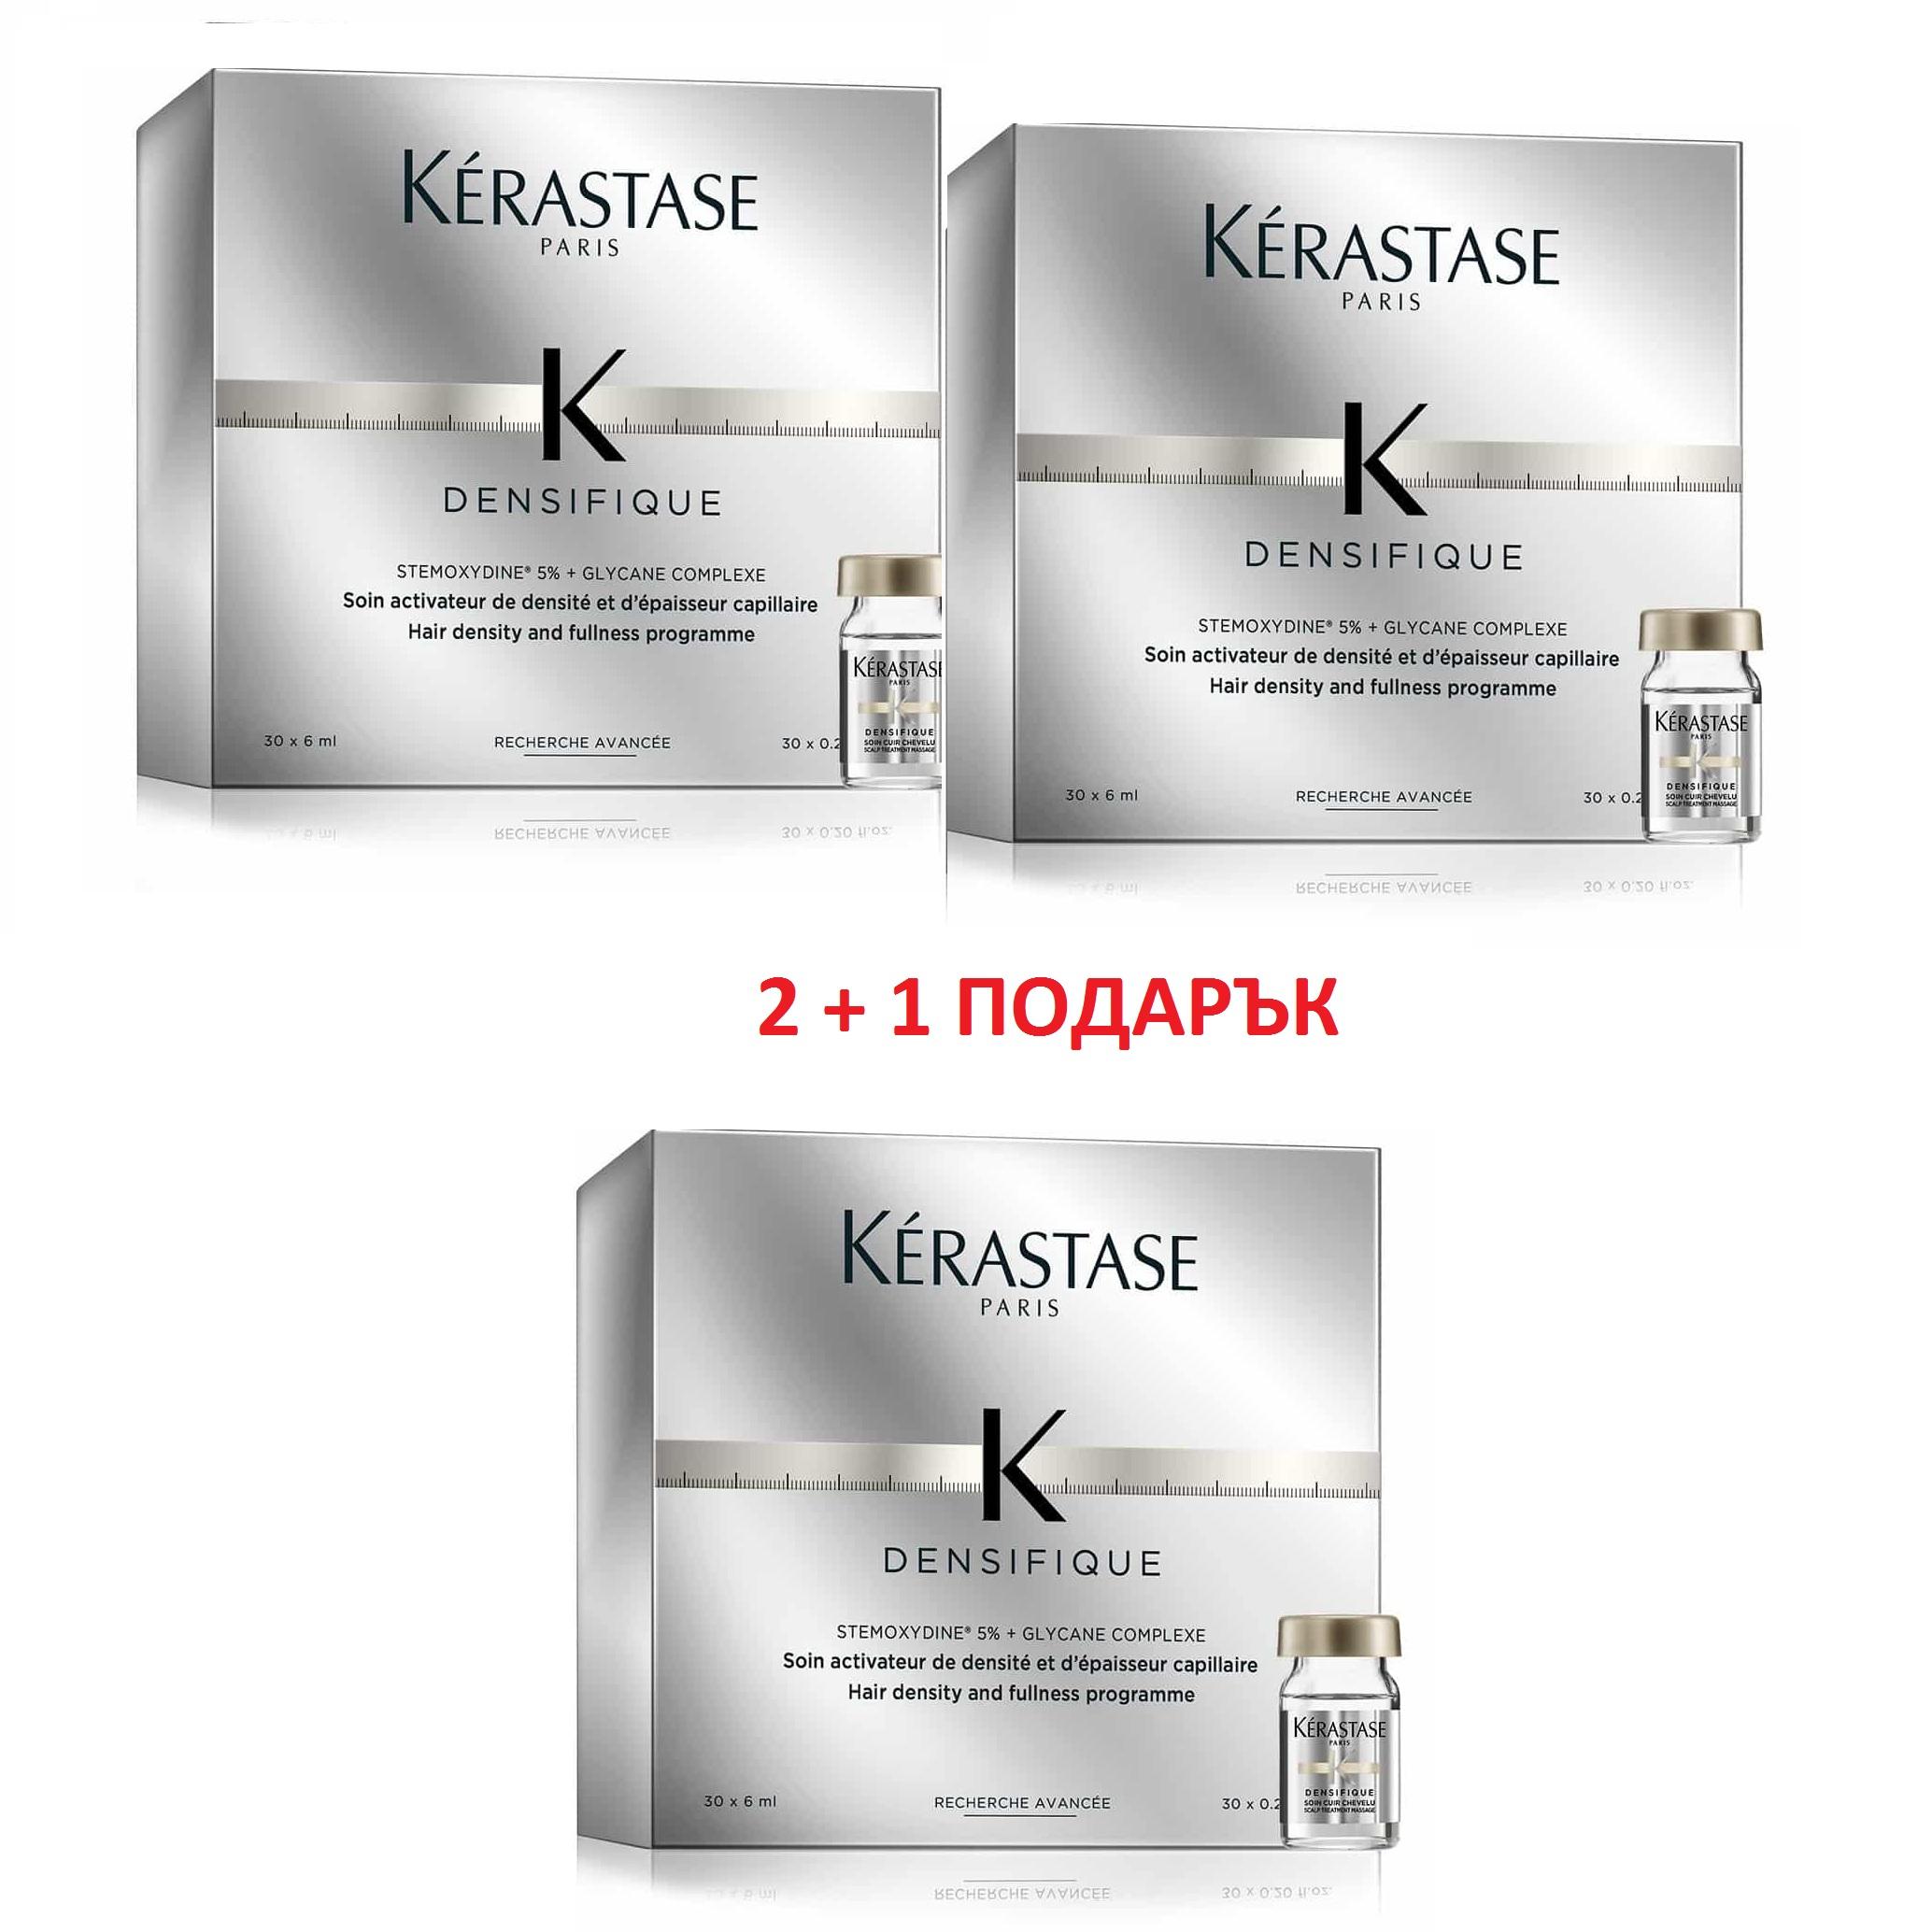 КОМПЛЕКТ 2 + 1 ПОДАРЪК Терапия за сгъстяване на косата и възстановяване растежа на косъма кутия ампули 3 бр. 30х6 мл Kerastase Densifique